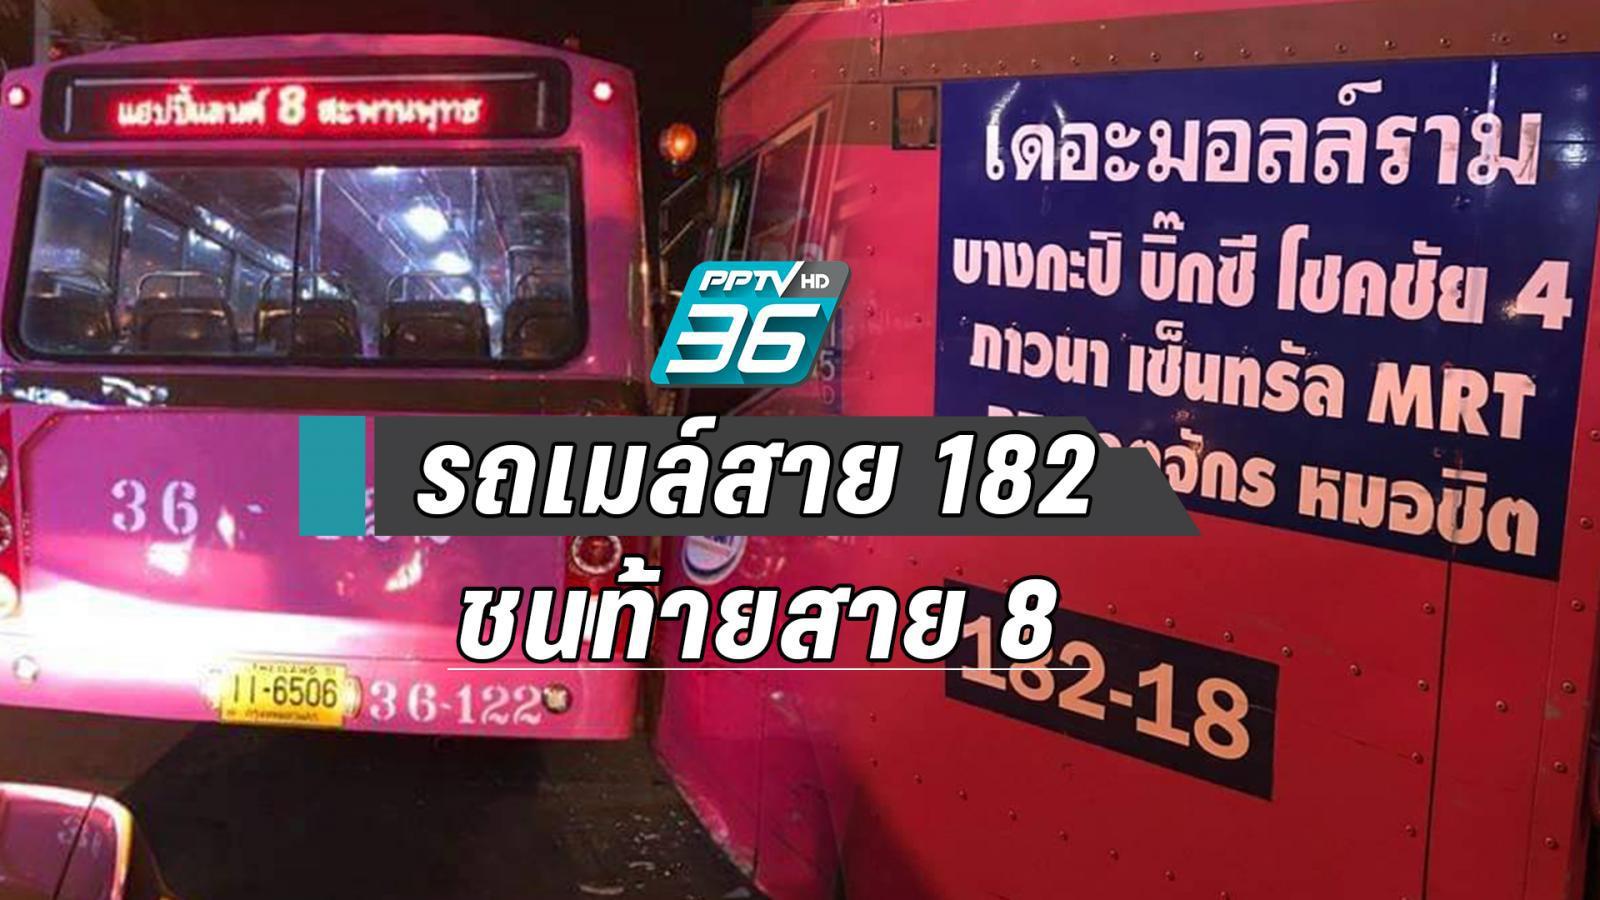 รถเมล์สาย 8 โดนสาย 182 ชนท้ายหน้าสถานีลาดพร้าว